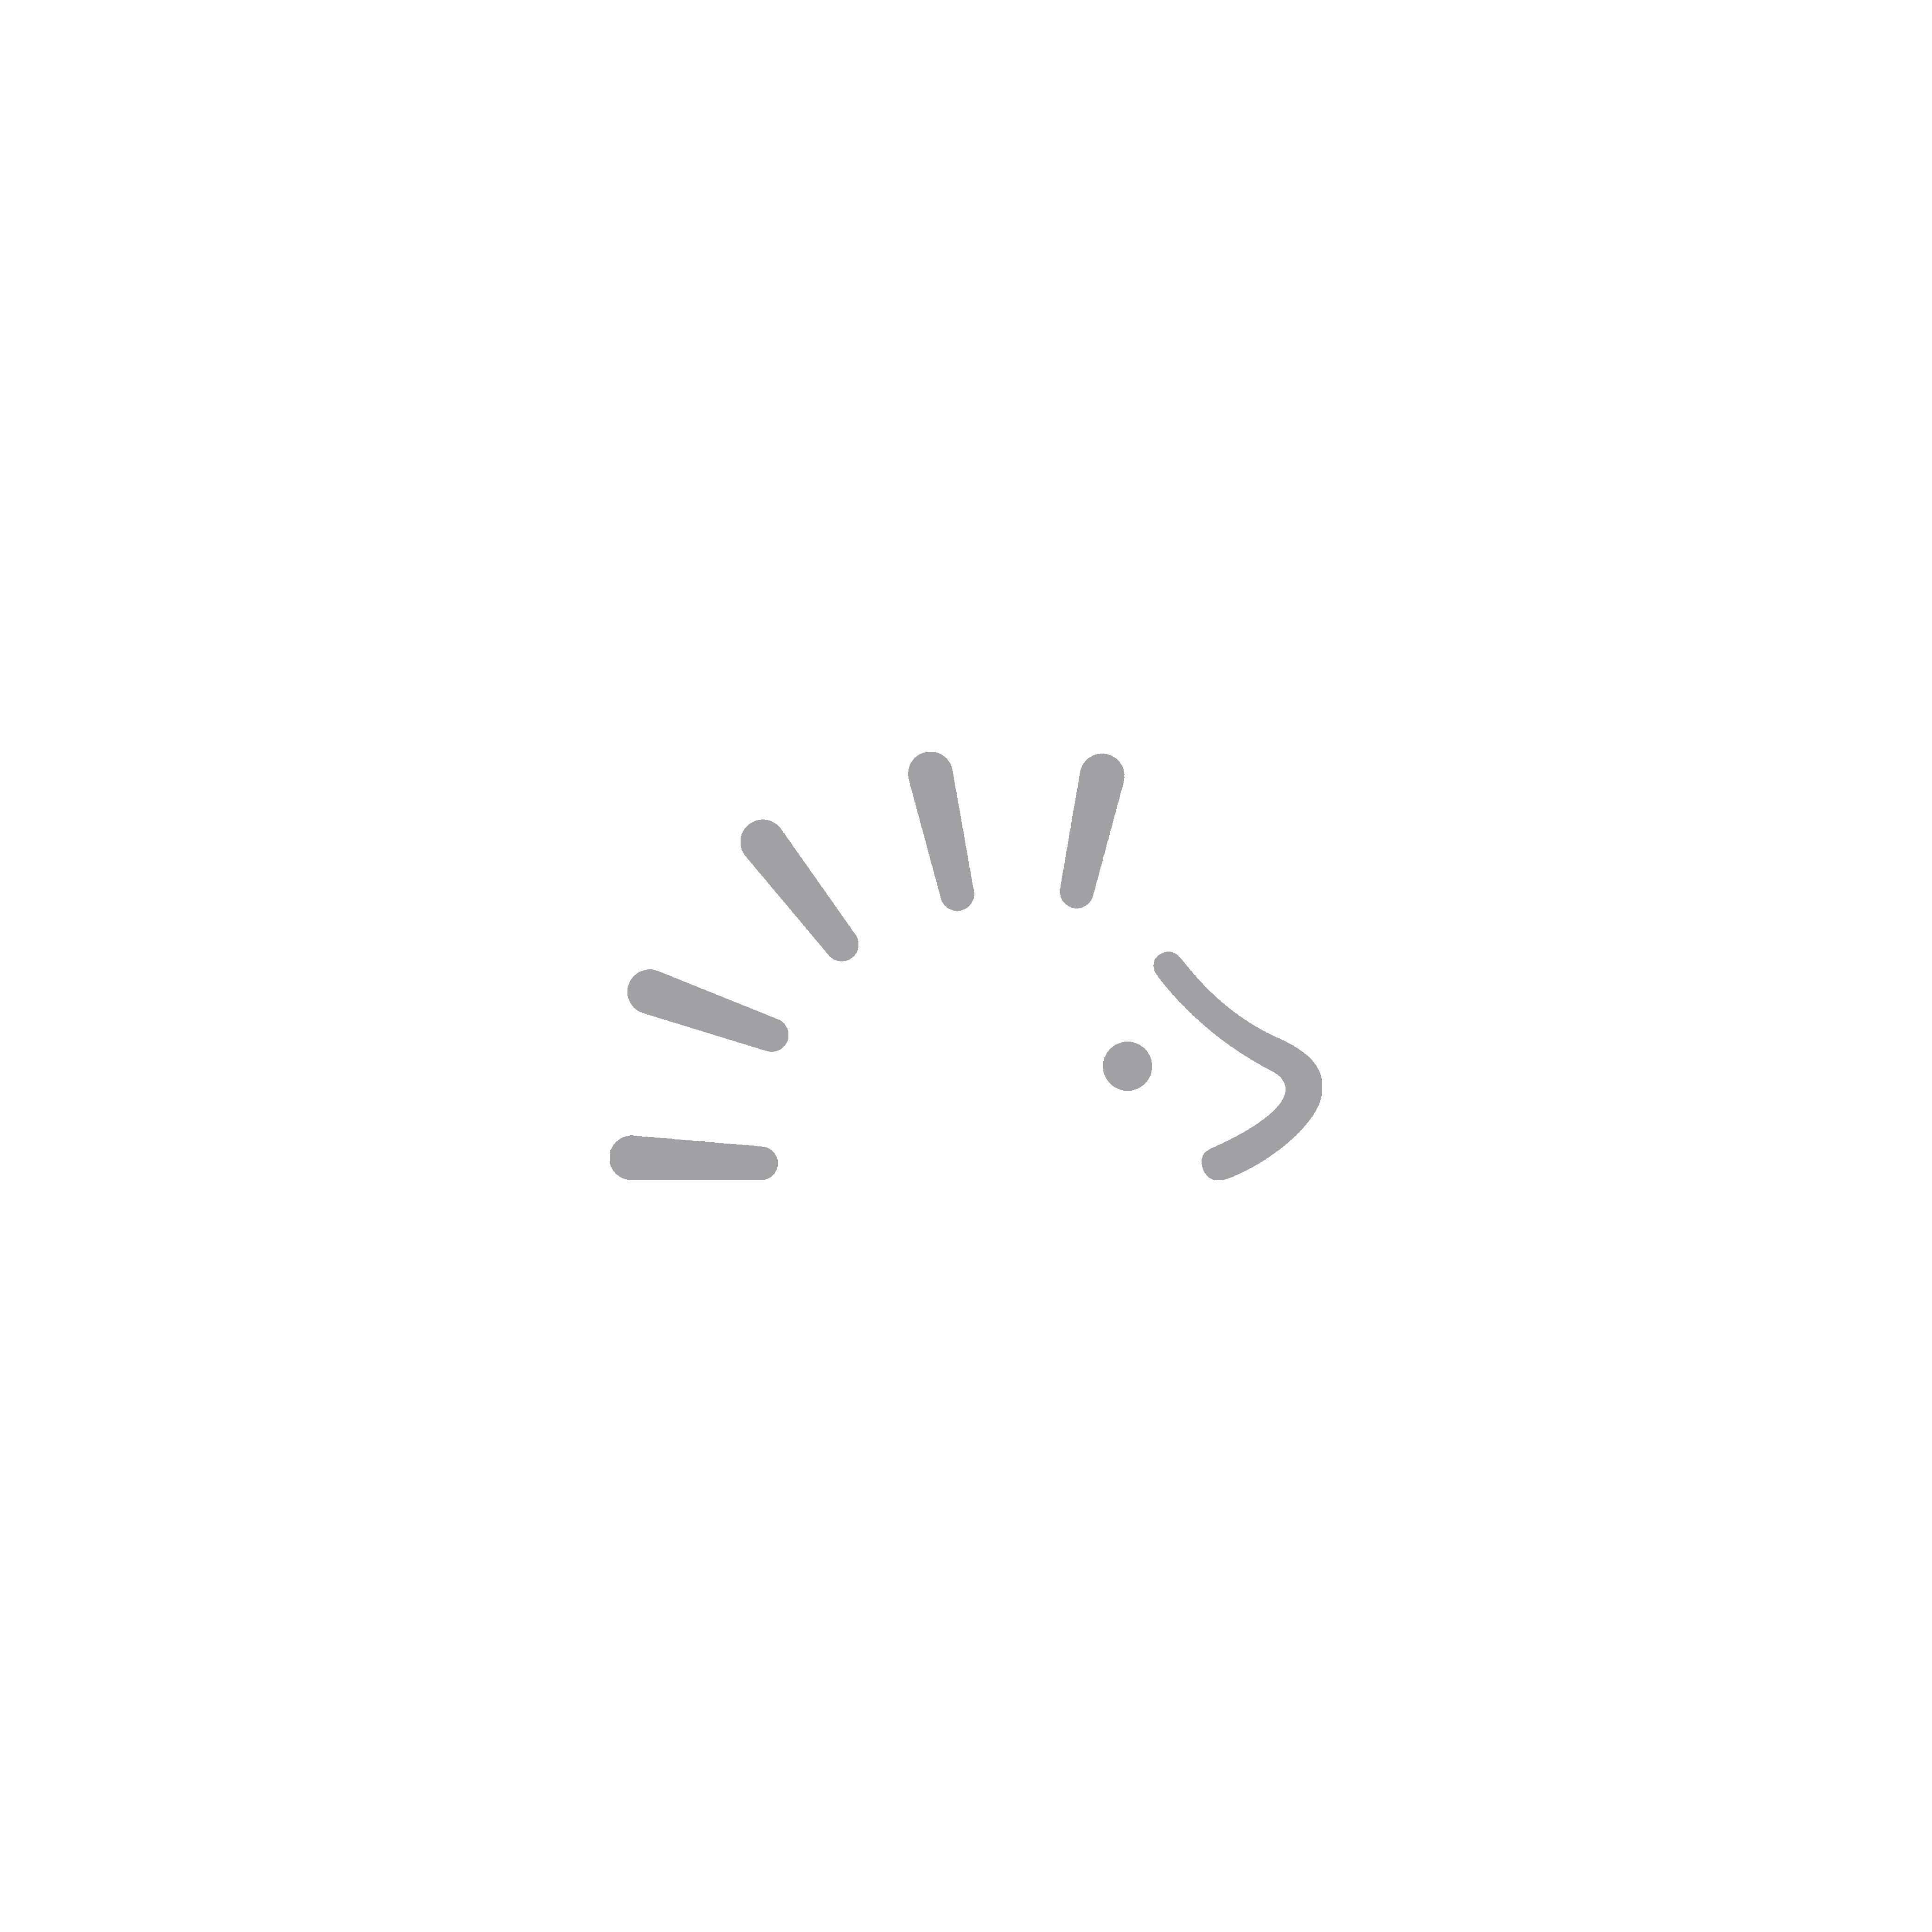 ULRICH Waschmittel flüssig 50 ml